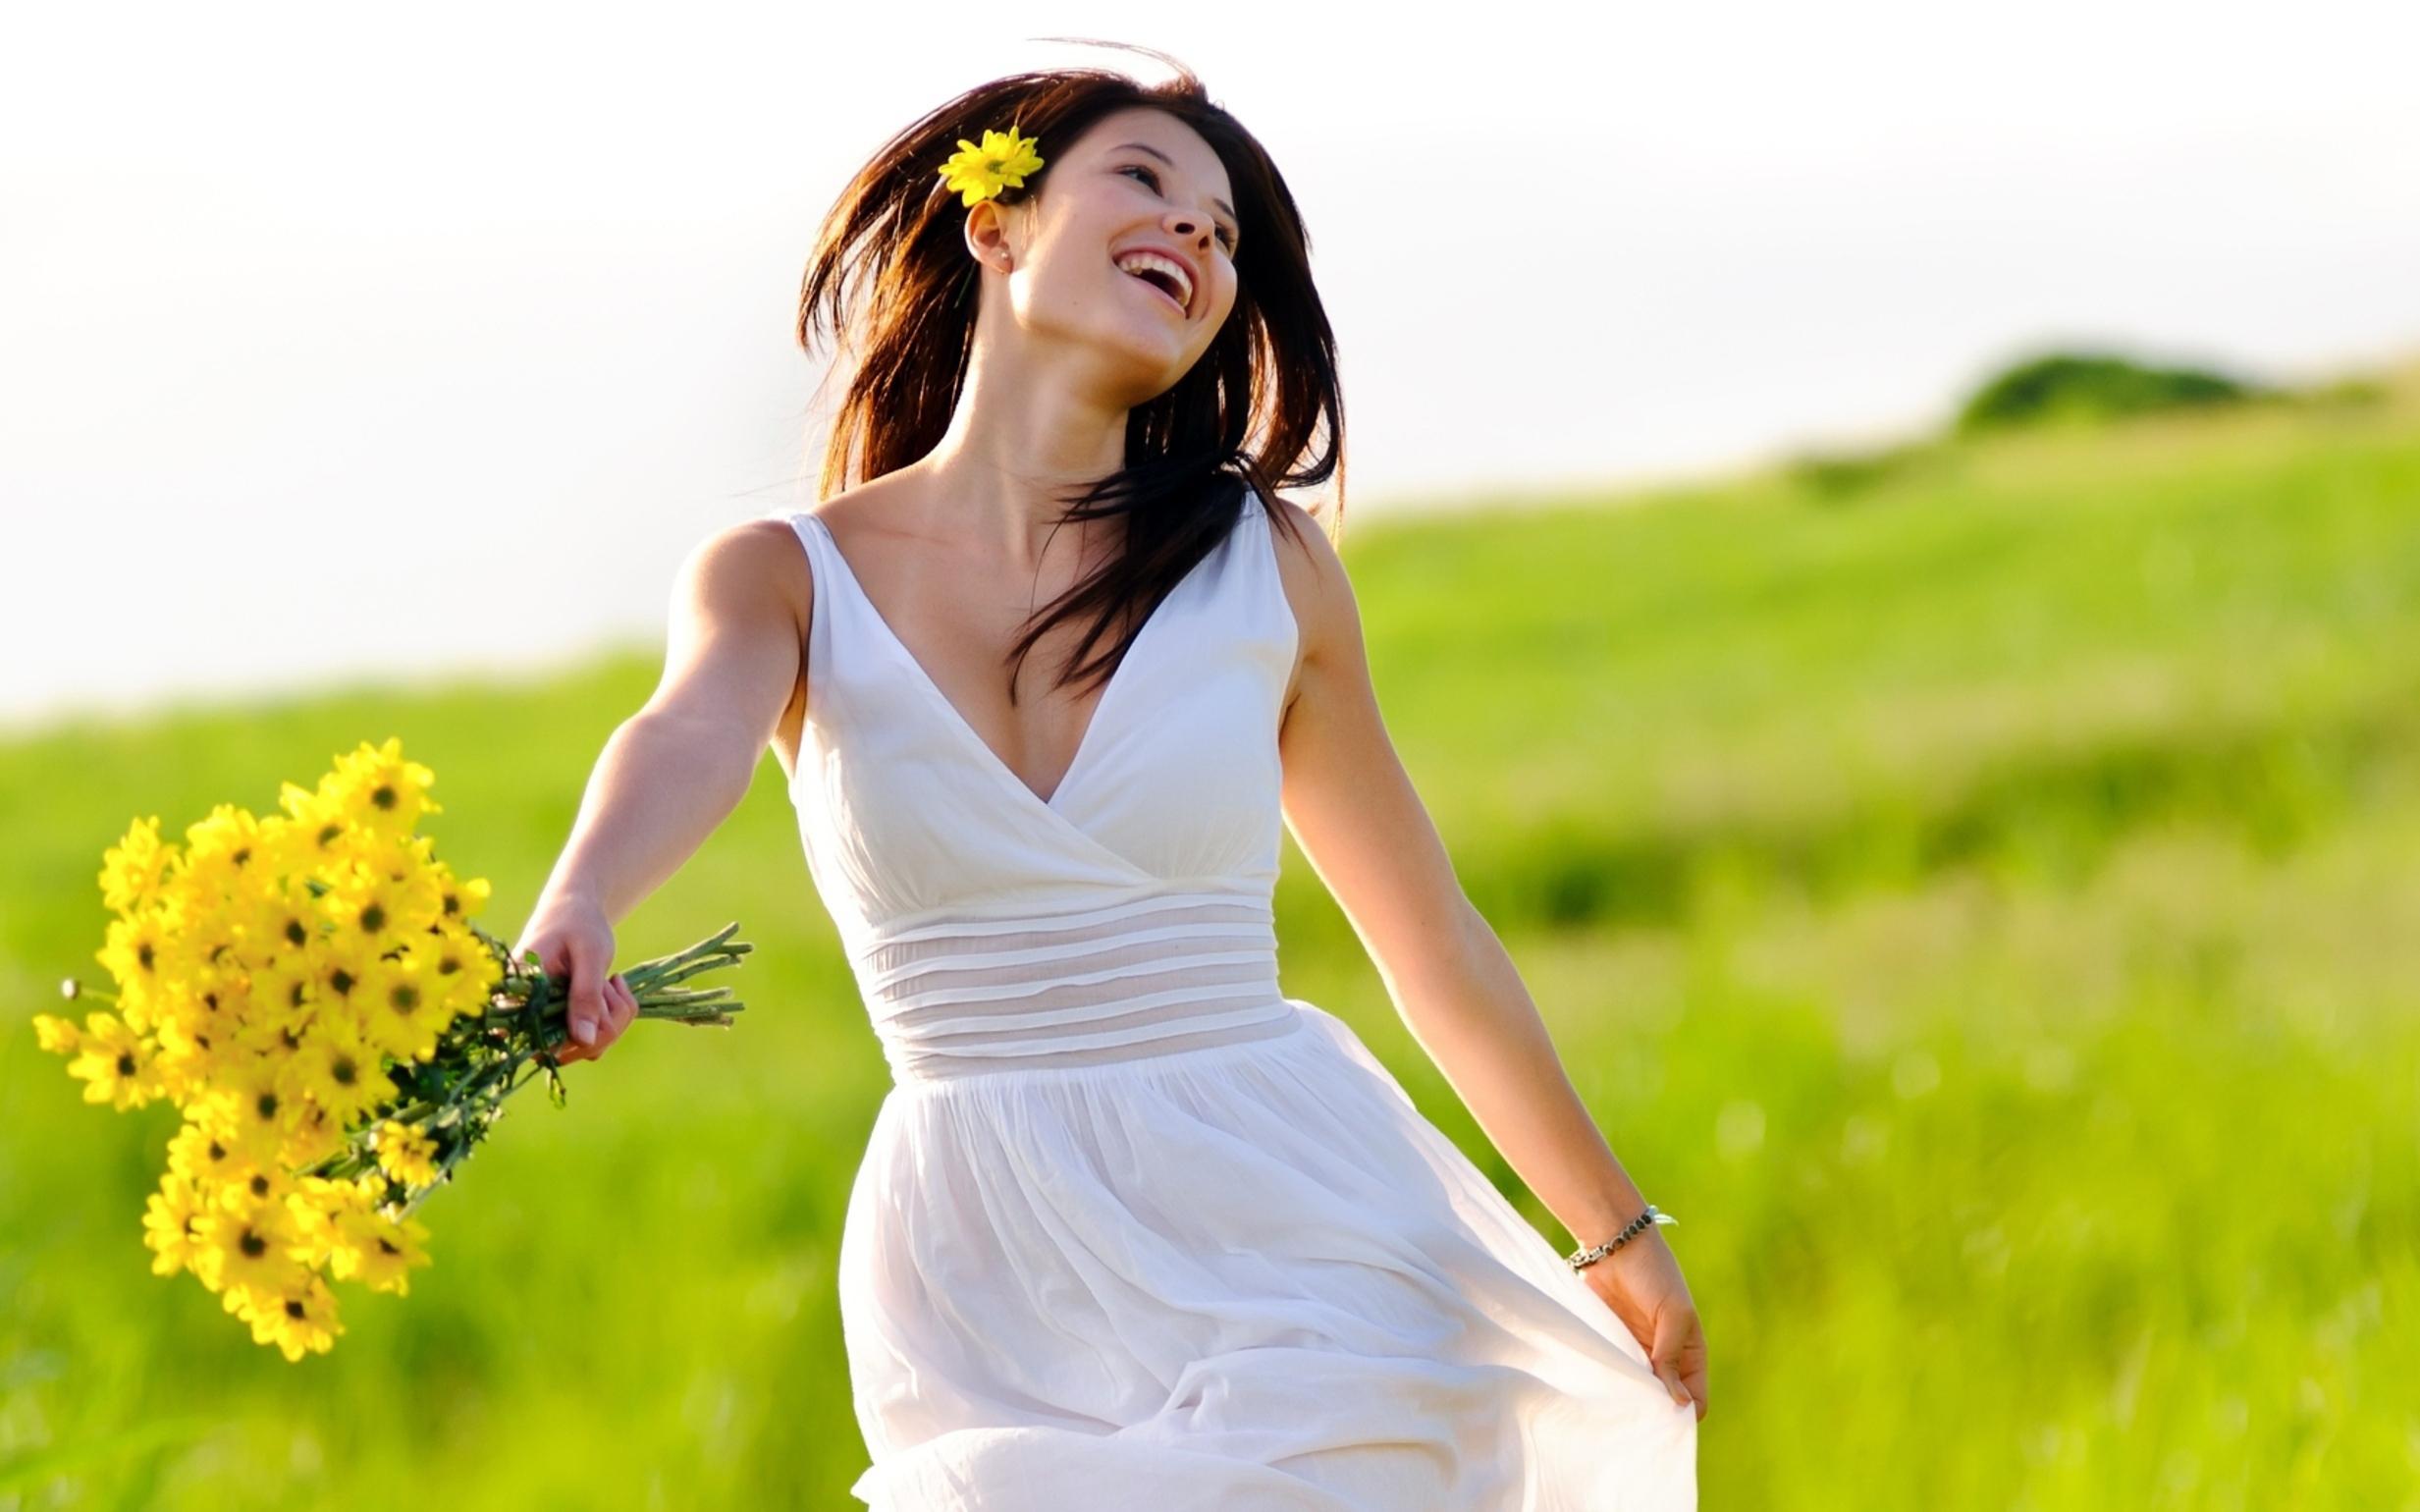 5 деталей, на которые мужчины обязательно обратят внимание еще до знакомства